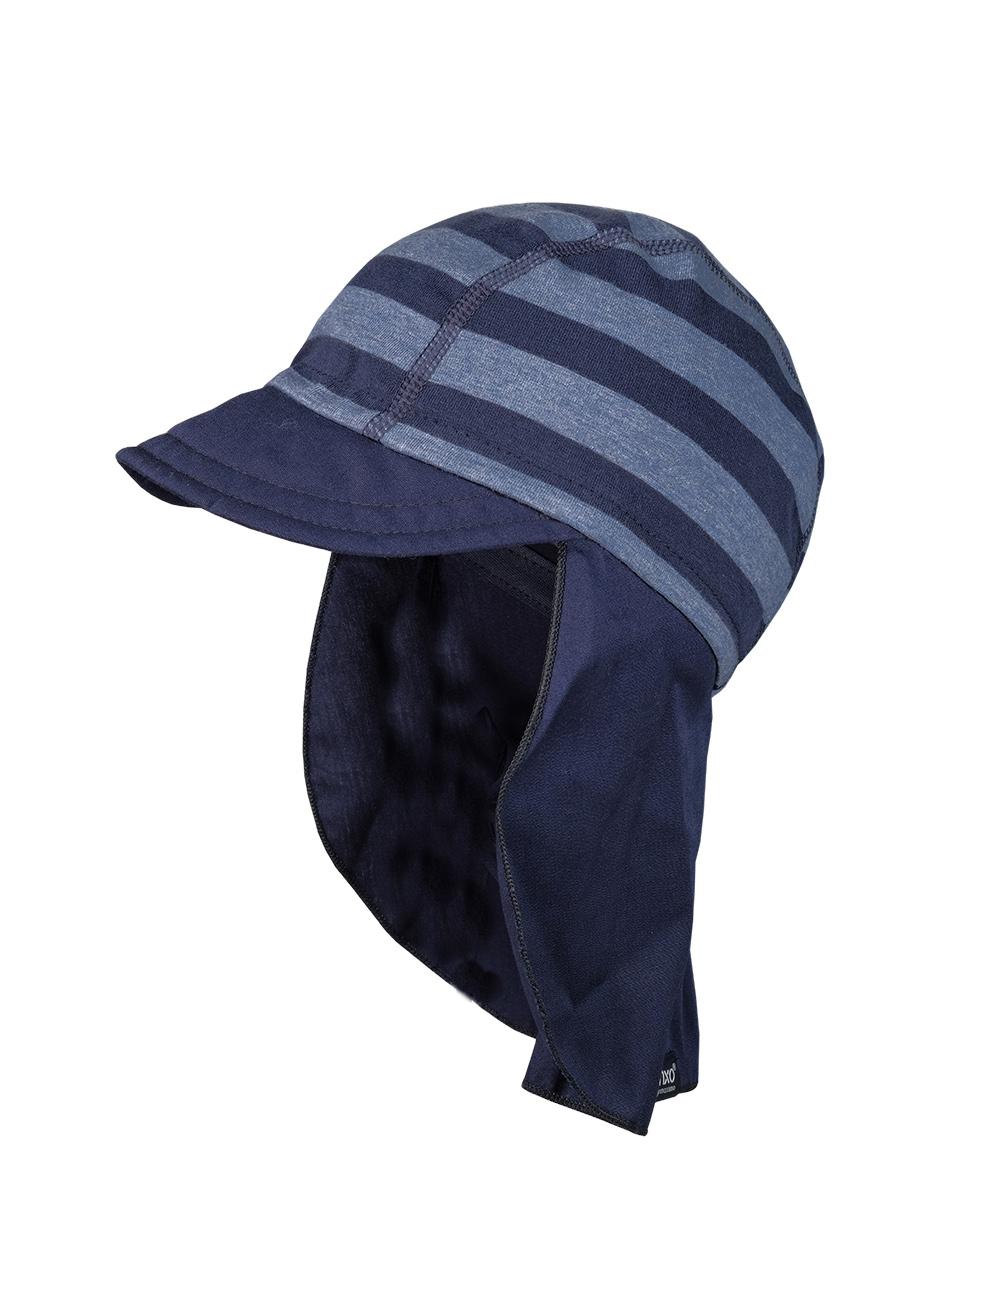 BOY-Schildmütze, Nackens. 51 Maximo. Farbe: jeansmeliert/marine, Größe: 51